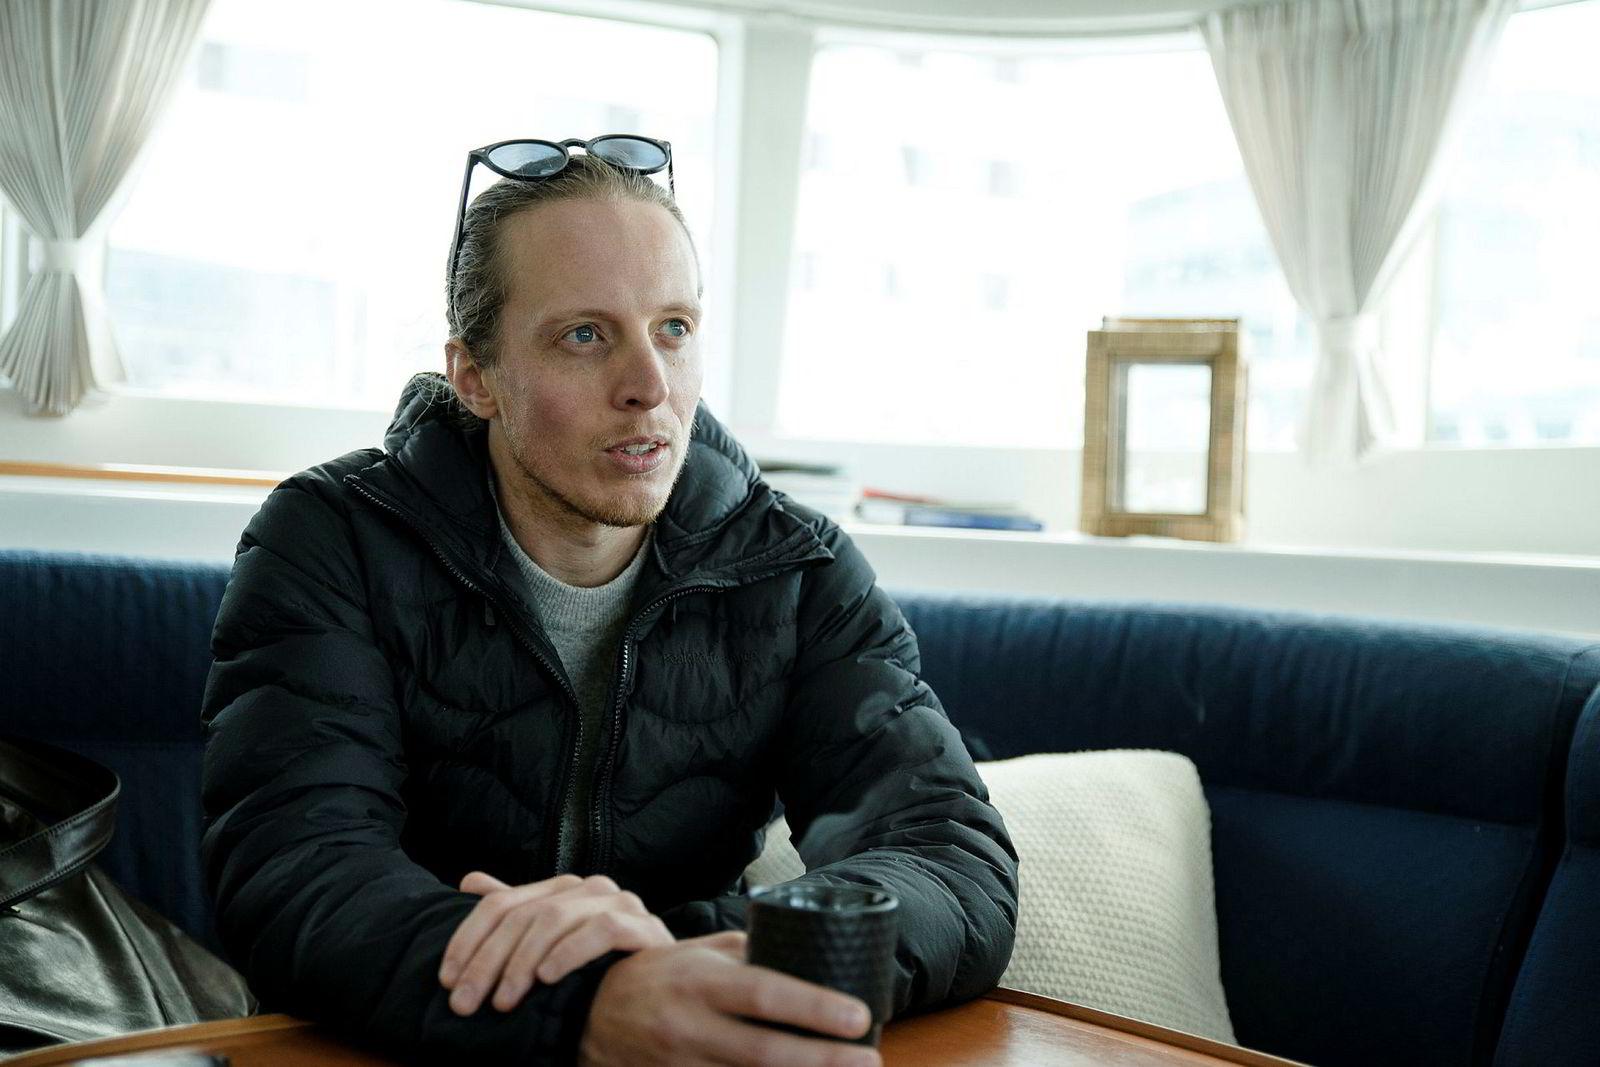 Anton Heijbel hos Pukka Travels opplever sterk vekst i reiselivsmarkedet i Tromsø.